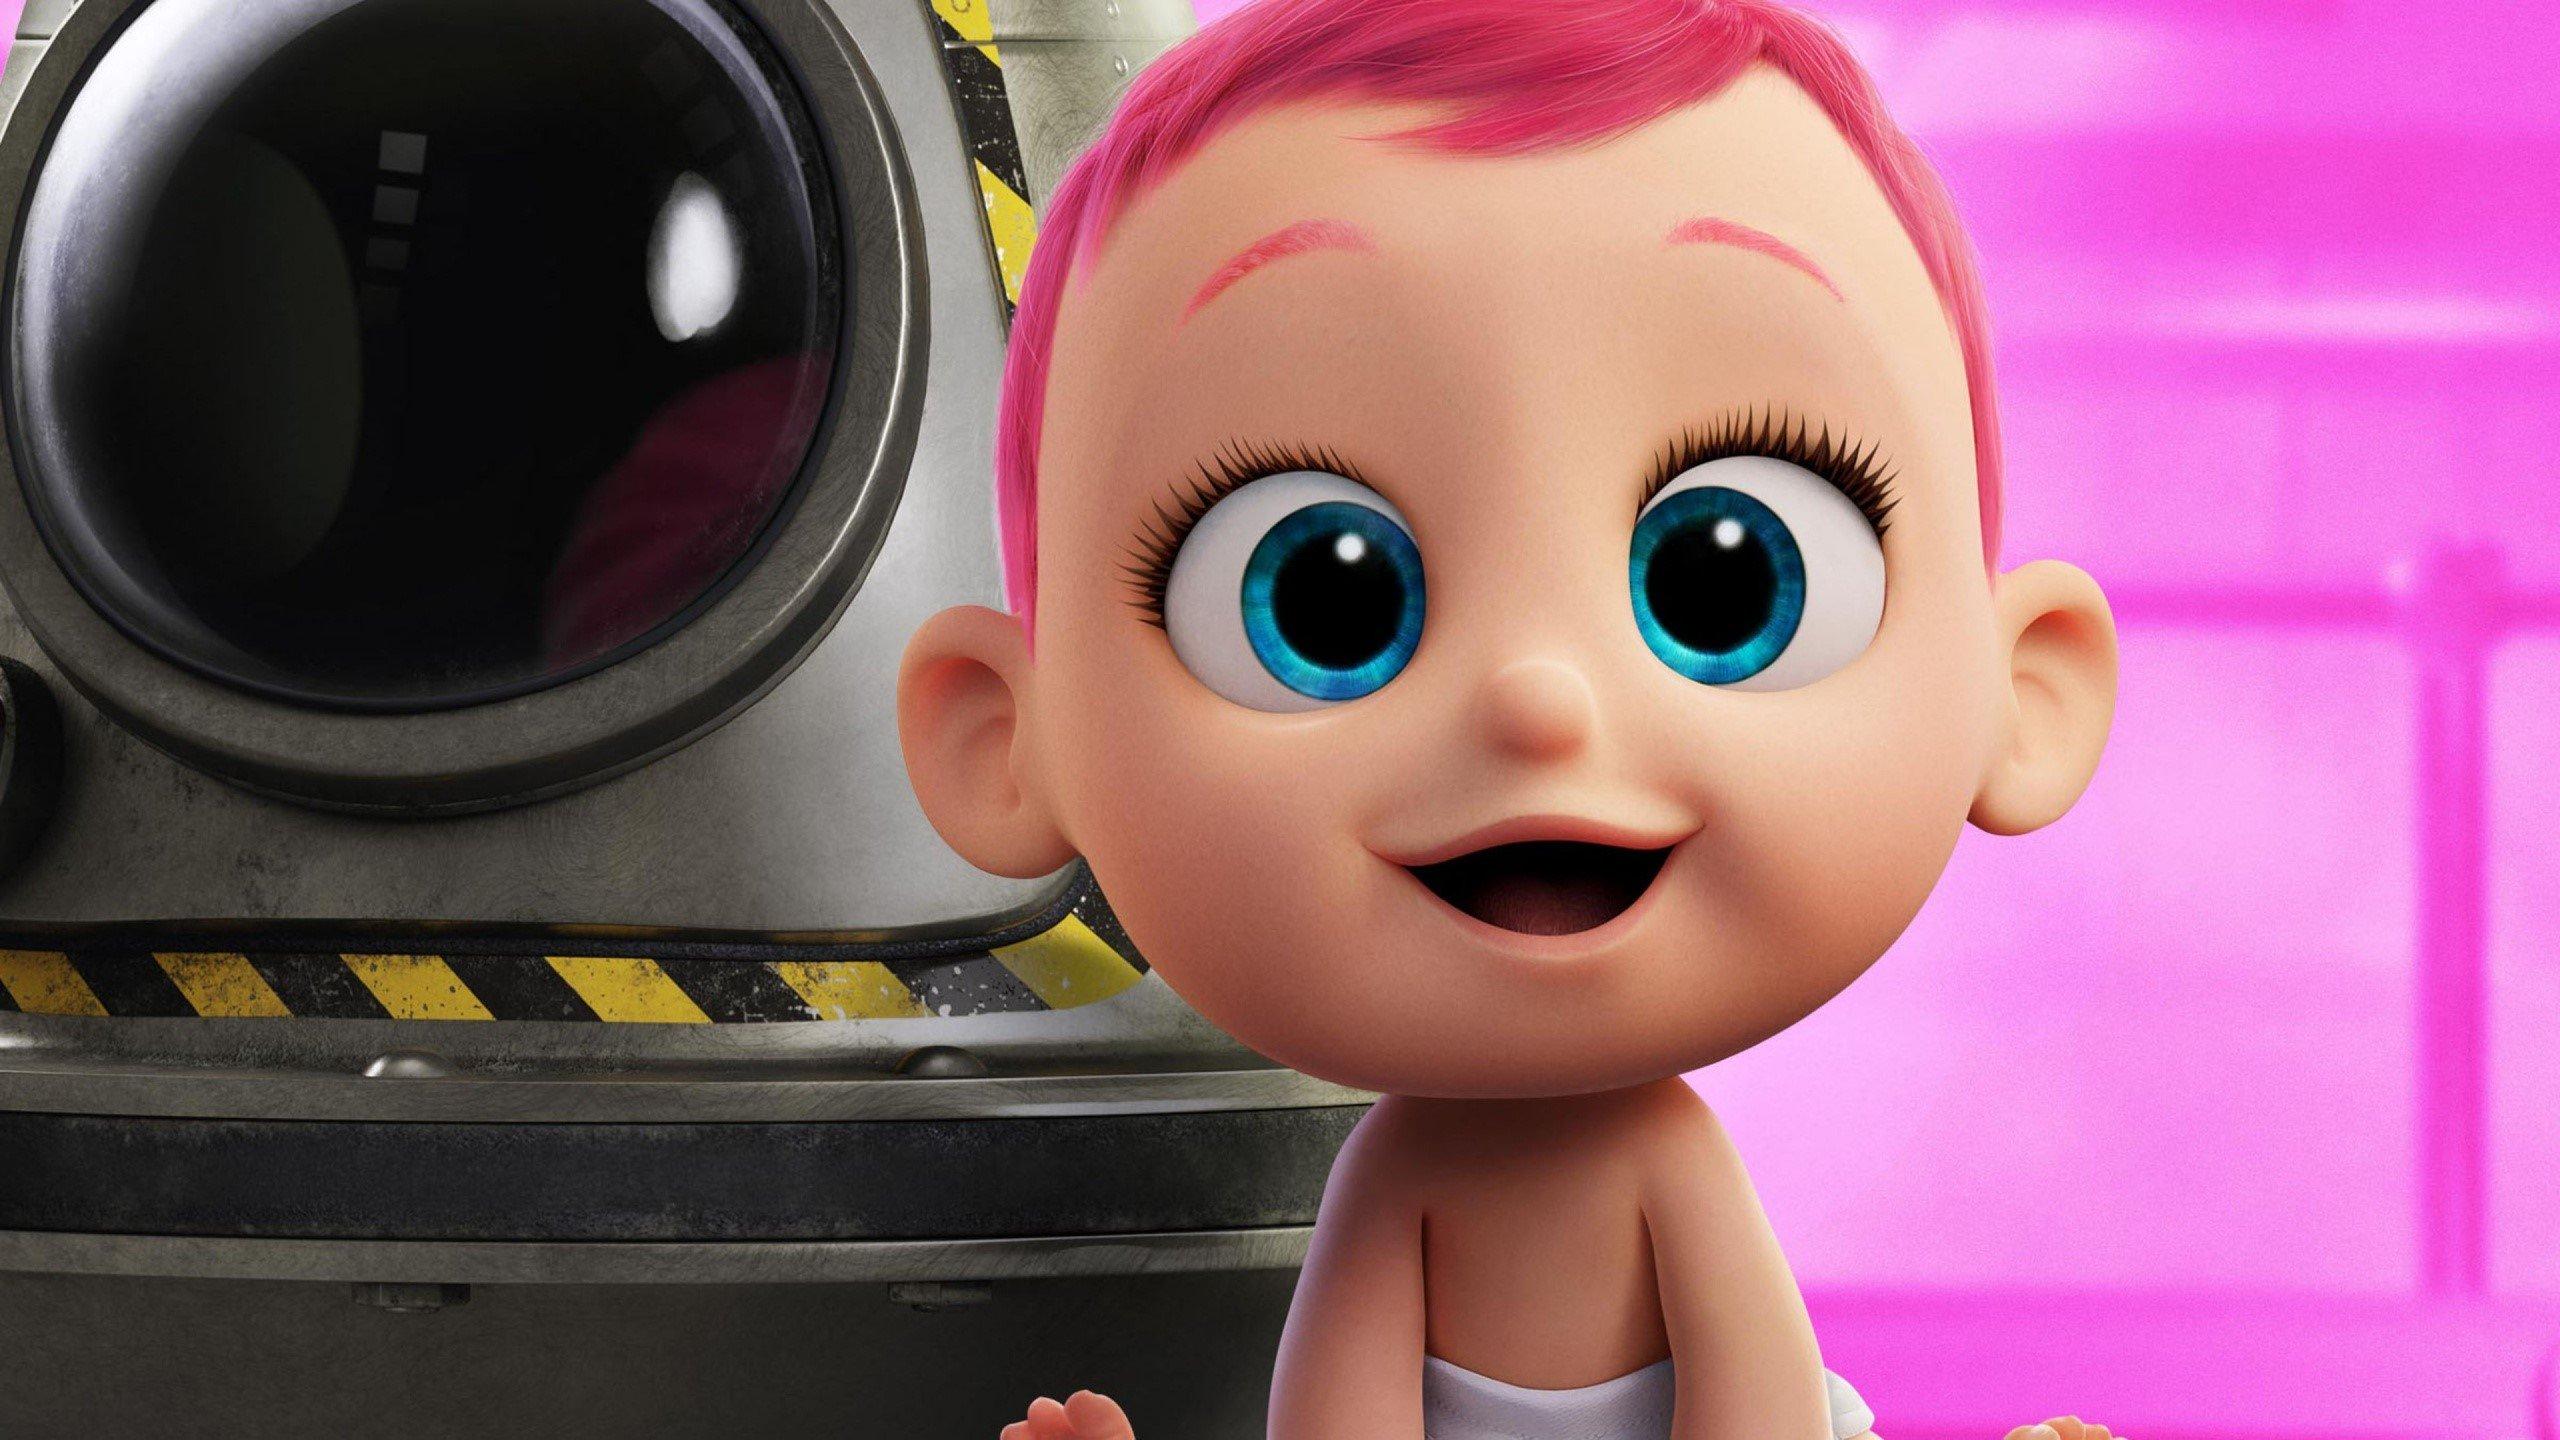 Fondo de pantalla de Bebé de película Cigüeñas Imágenes